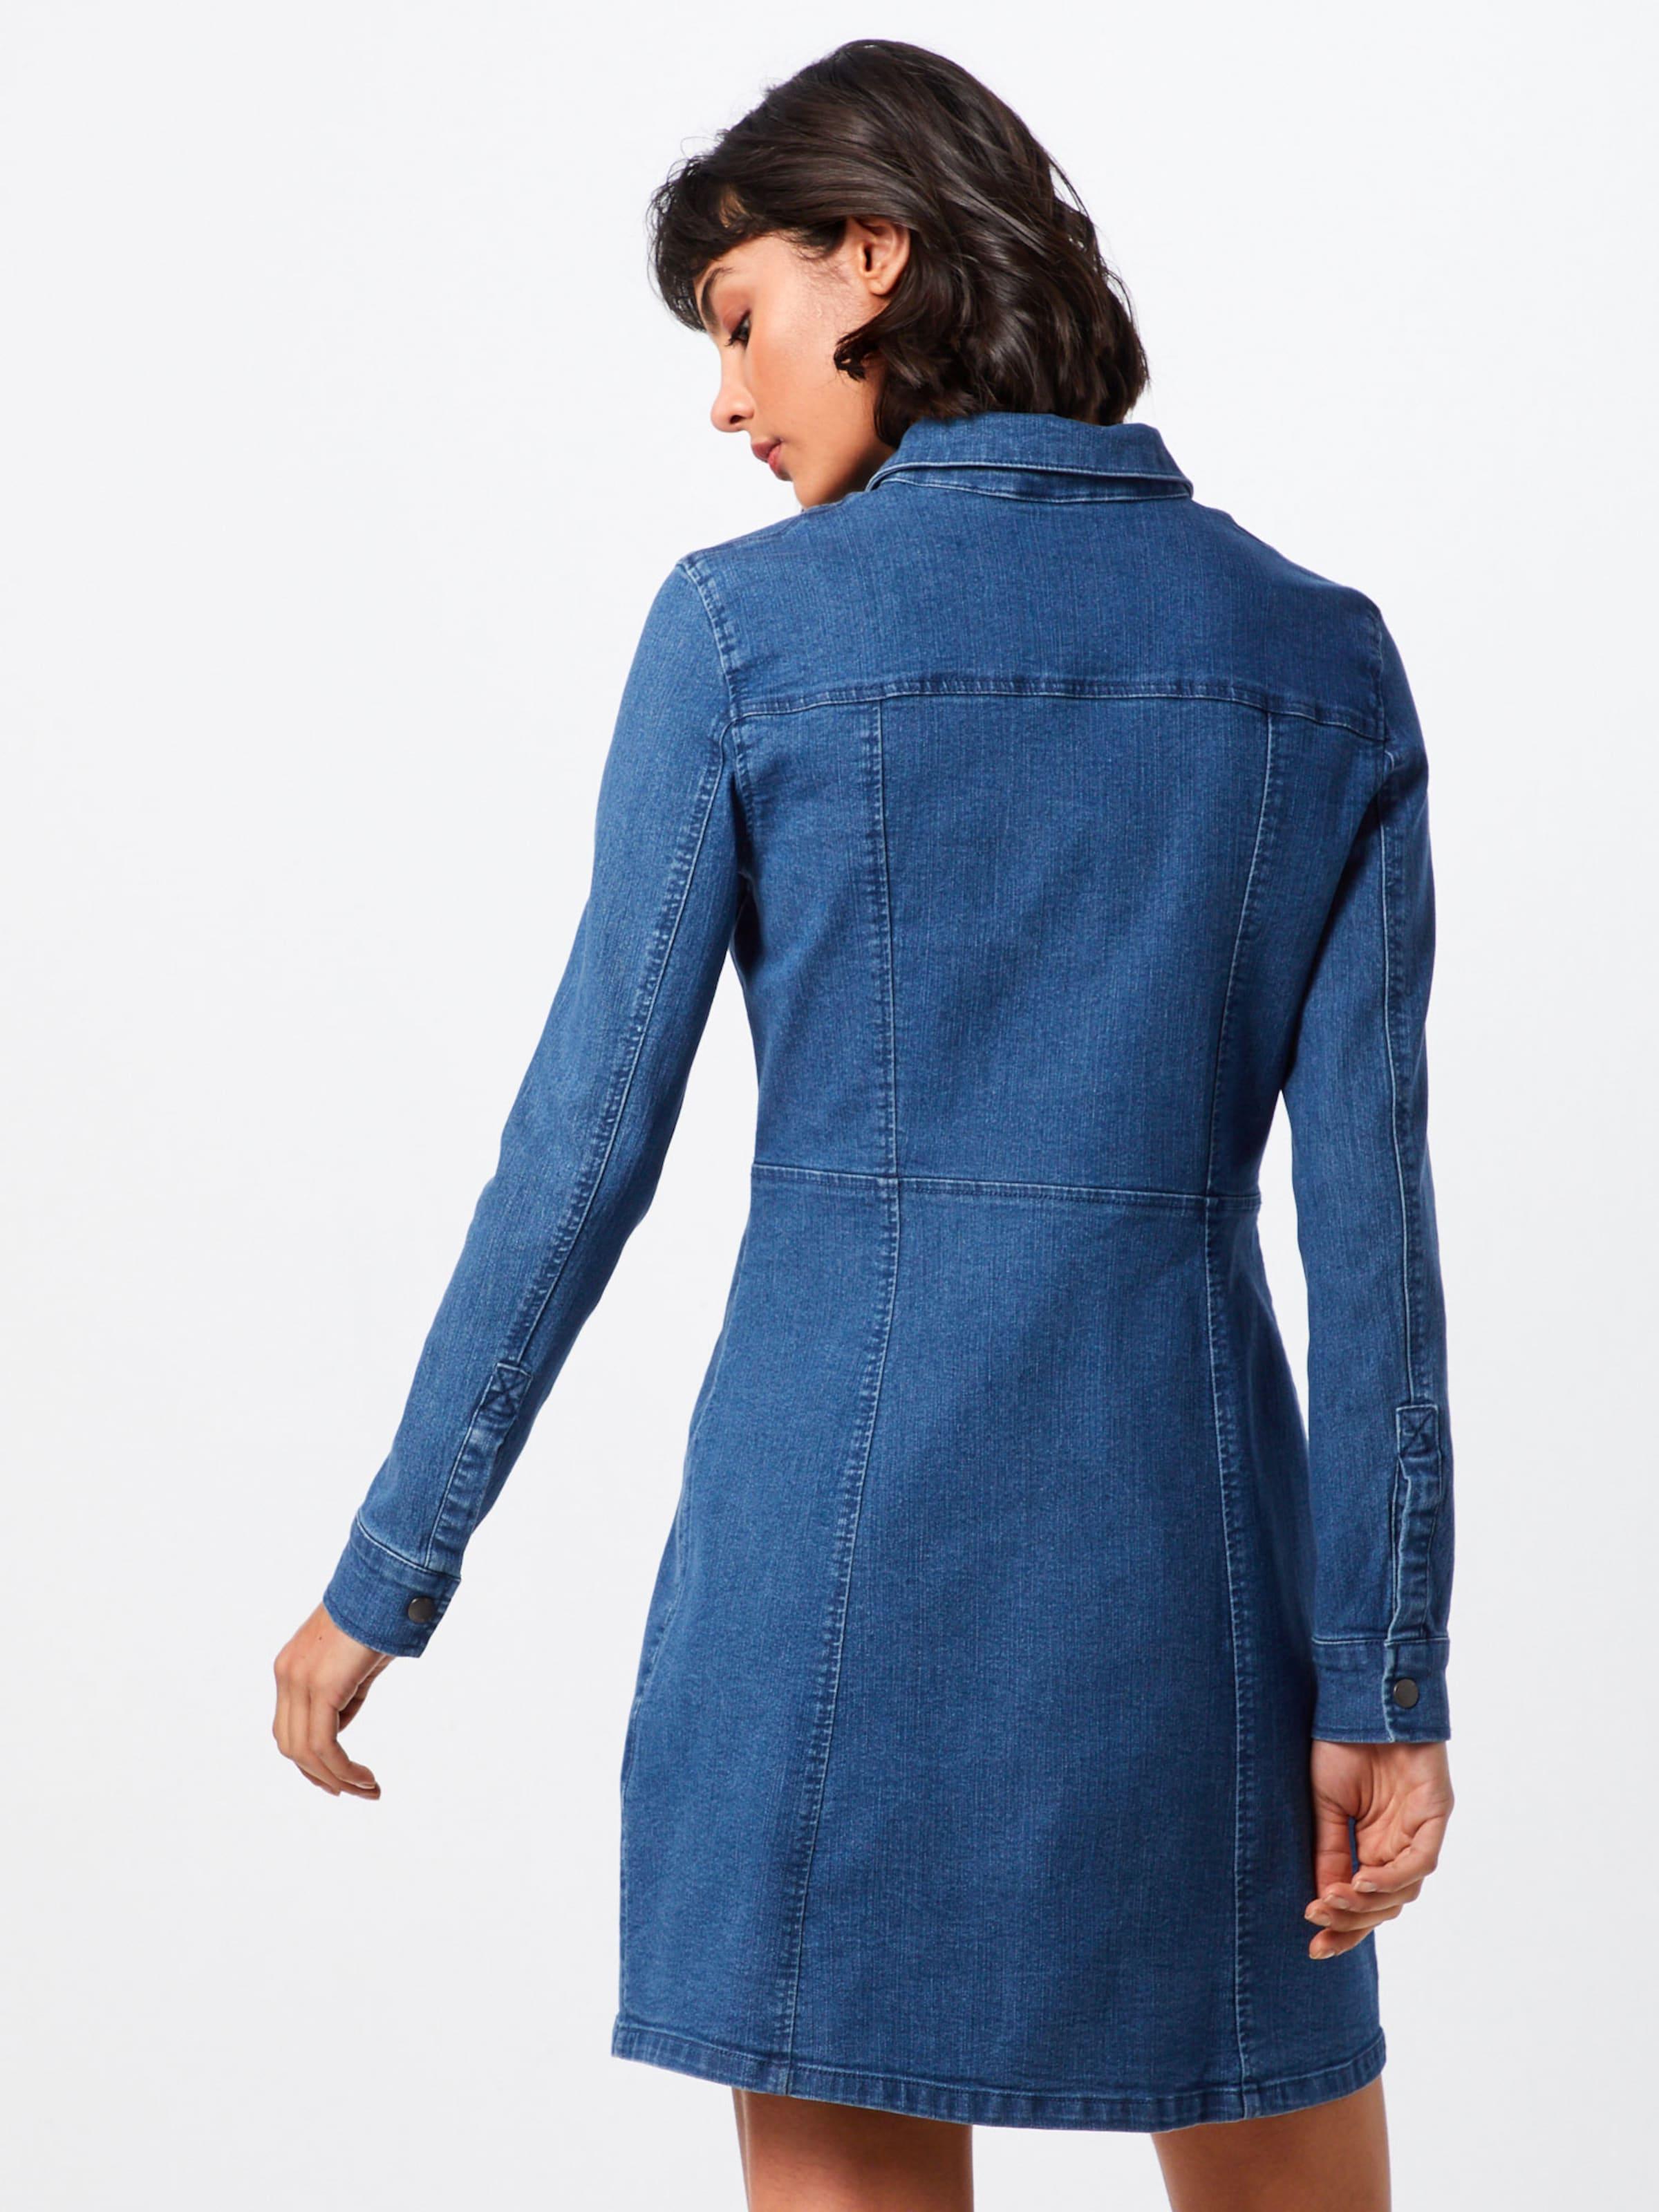 May Robe Denim 'lisa' Noisy Bleu En chemise wOX8knP0